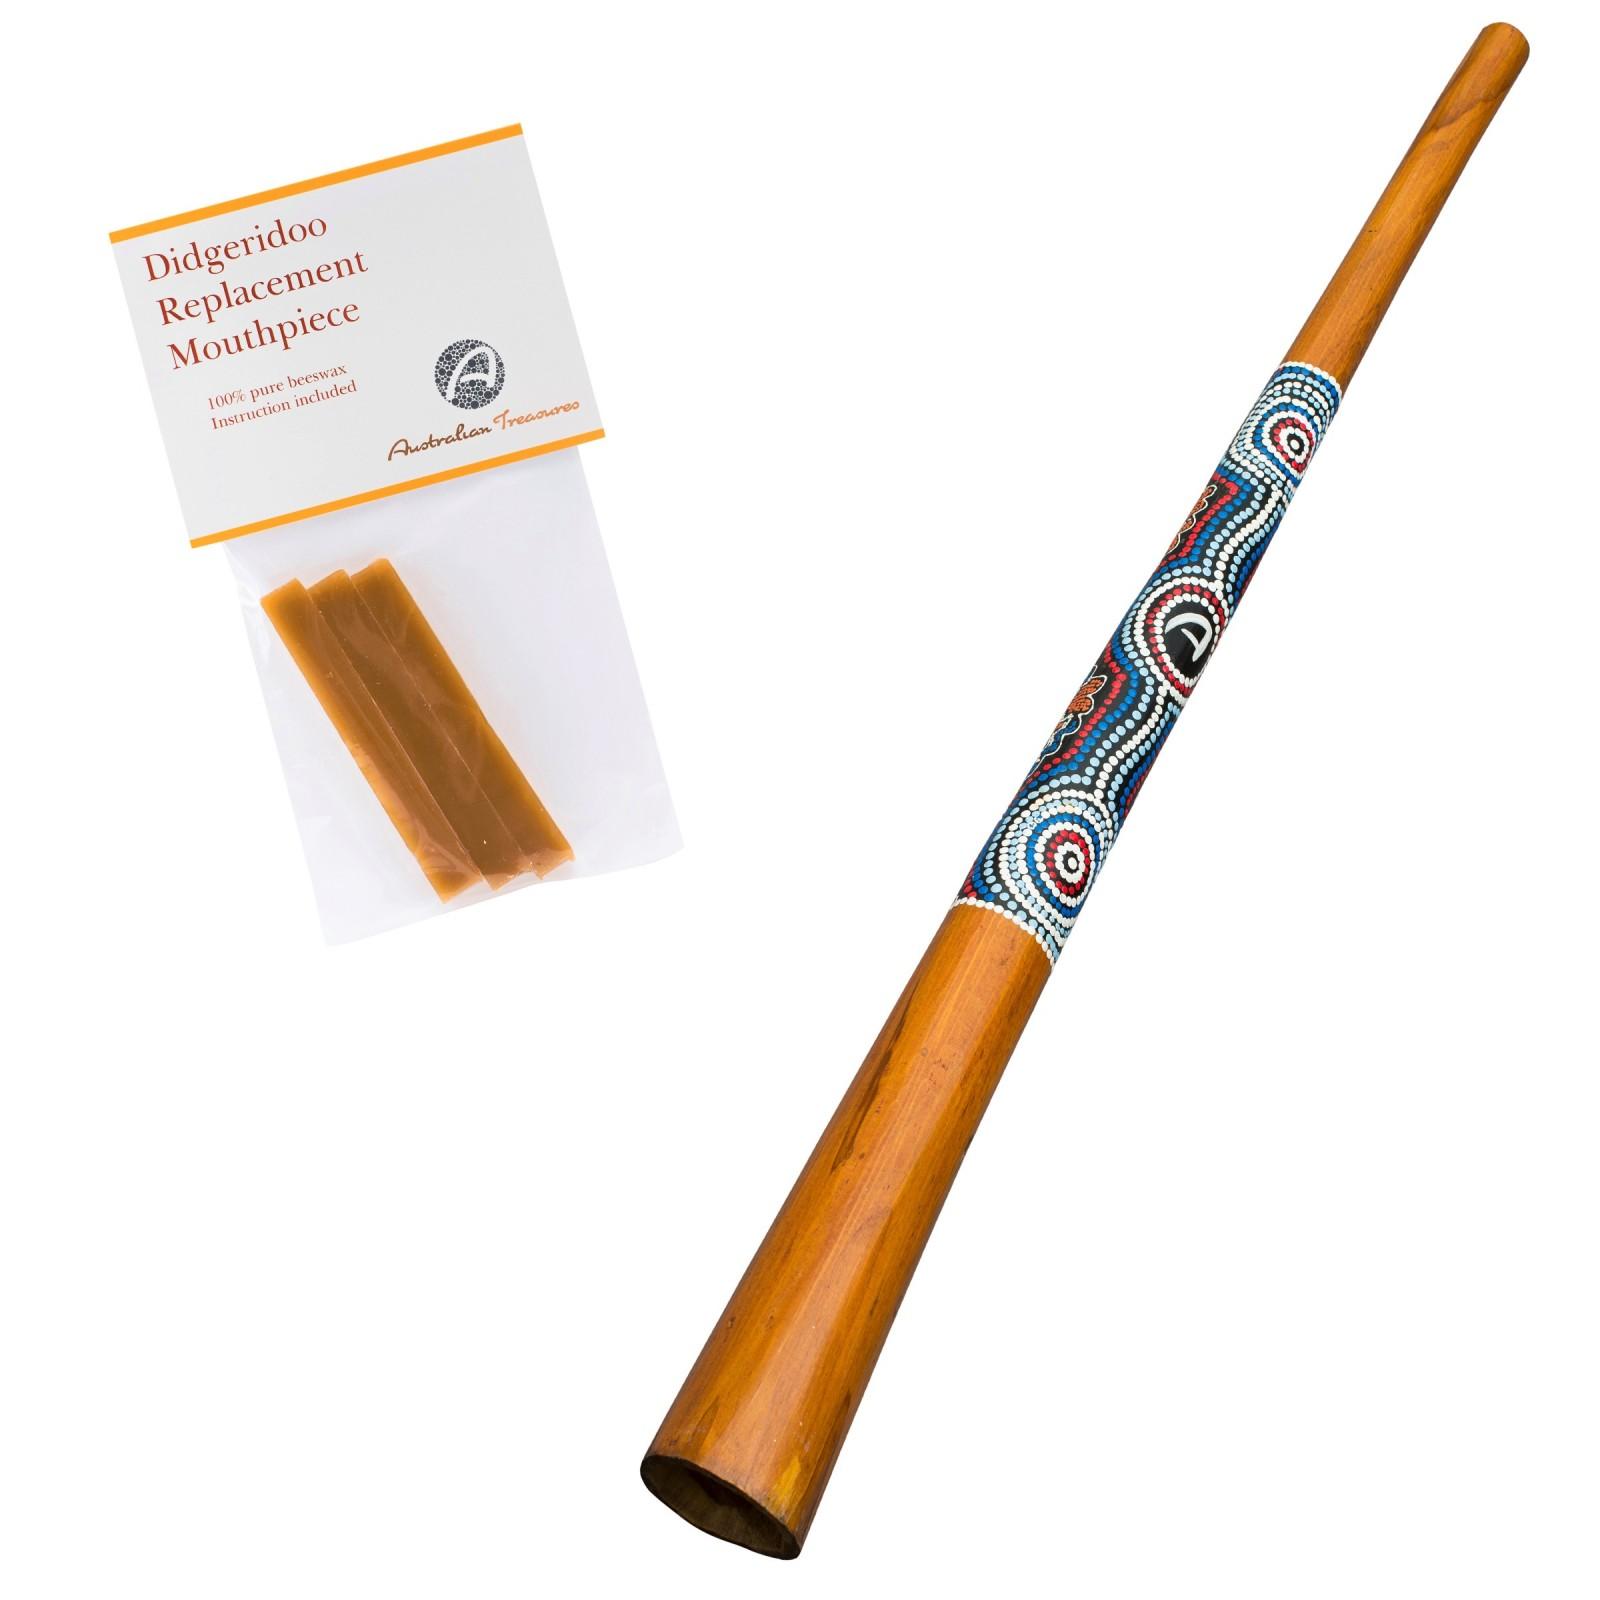 Didgeridoo di legno, compresa la cera d'api